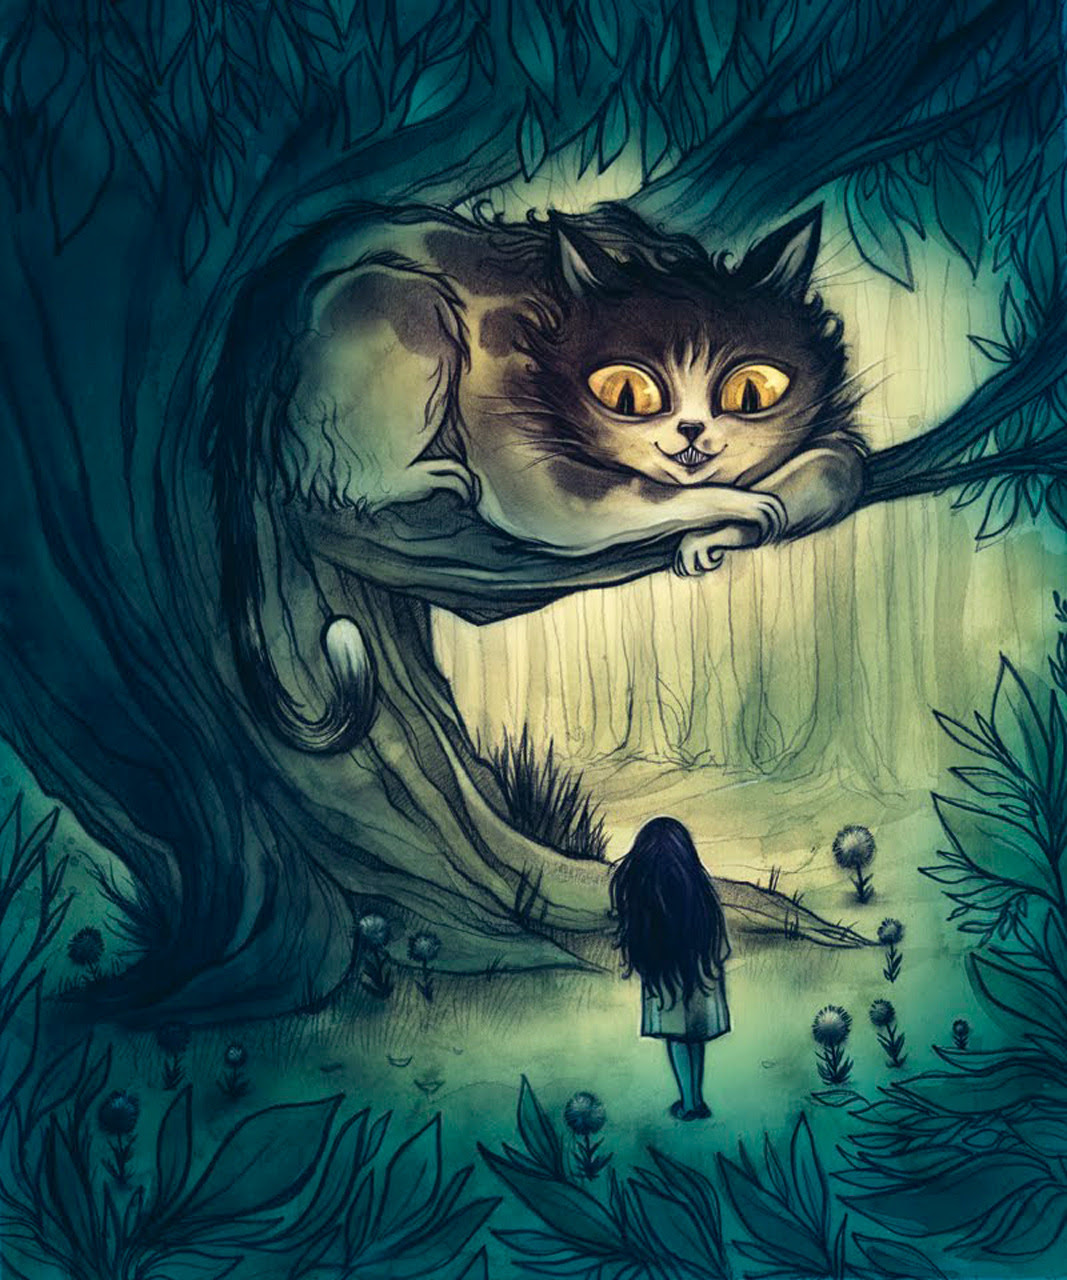 http://24.media.tumblr.com/tumblr_ltngww1Nlw1qhttpto1_r1_1280.jpg